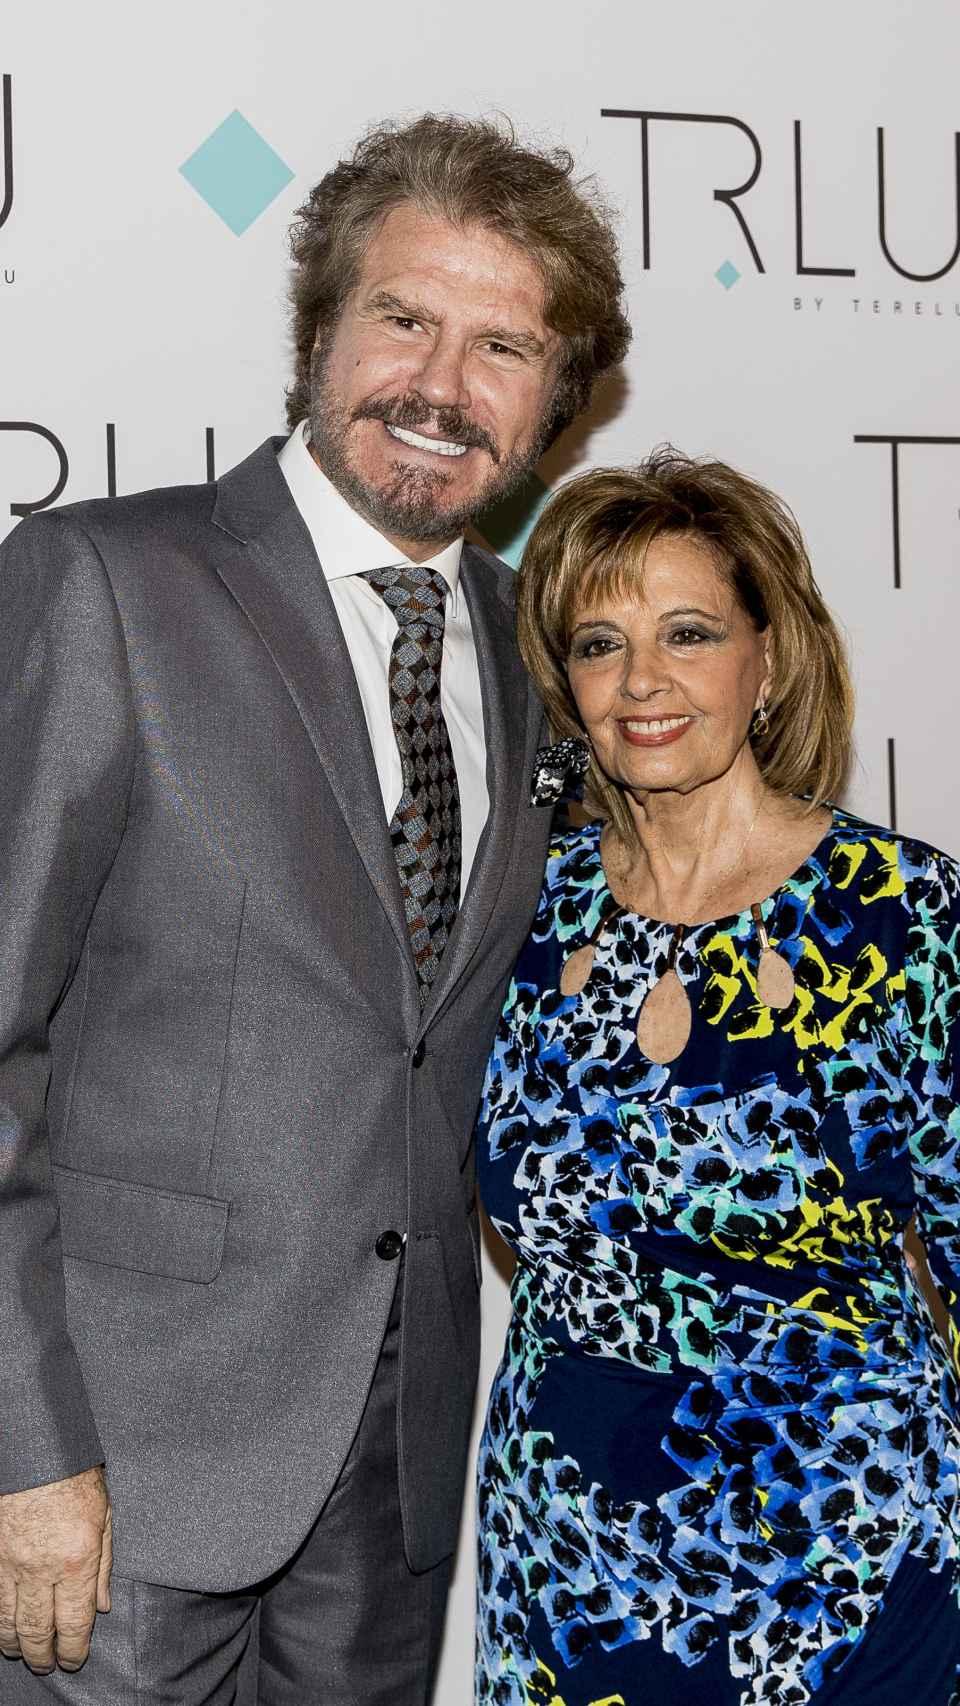 Teresa y Edmundo en una imagen fechada en mayo de 2018.